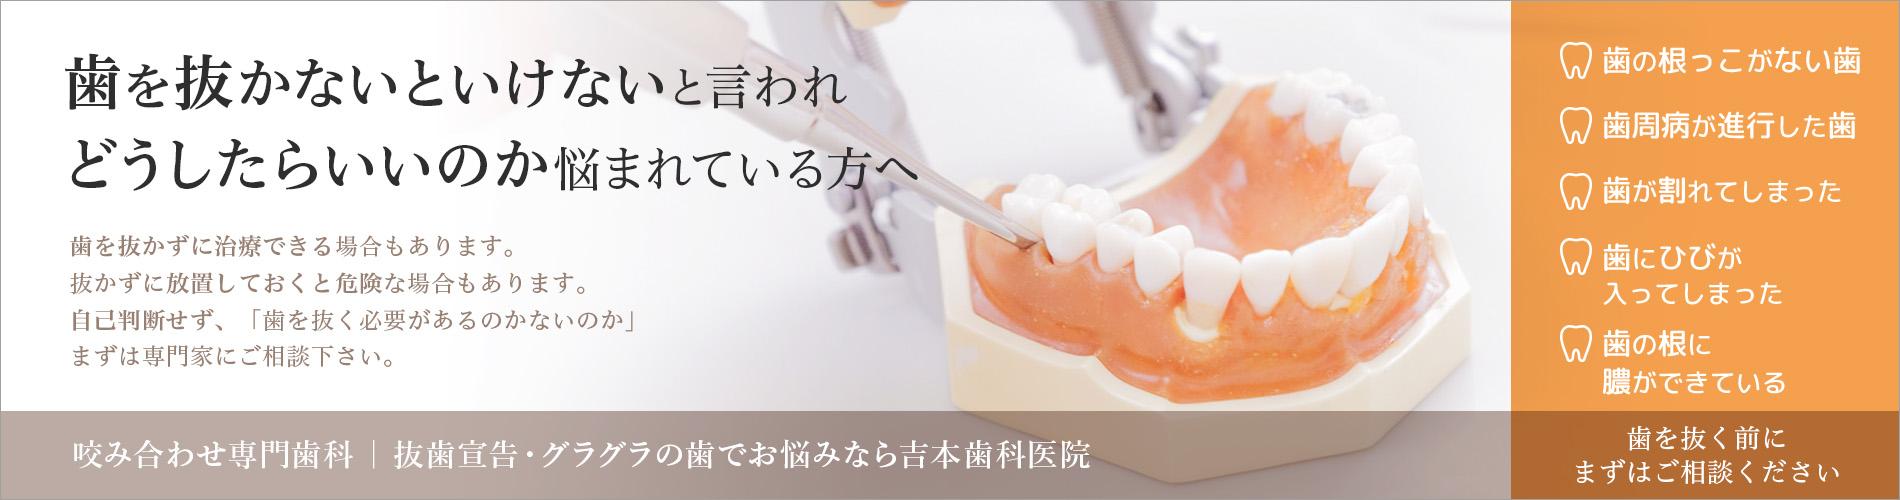 香川県の抜歯しない治療法・歯を削らない治療法なら吉本歯科医院